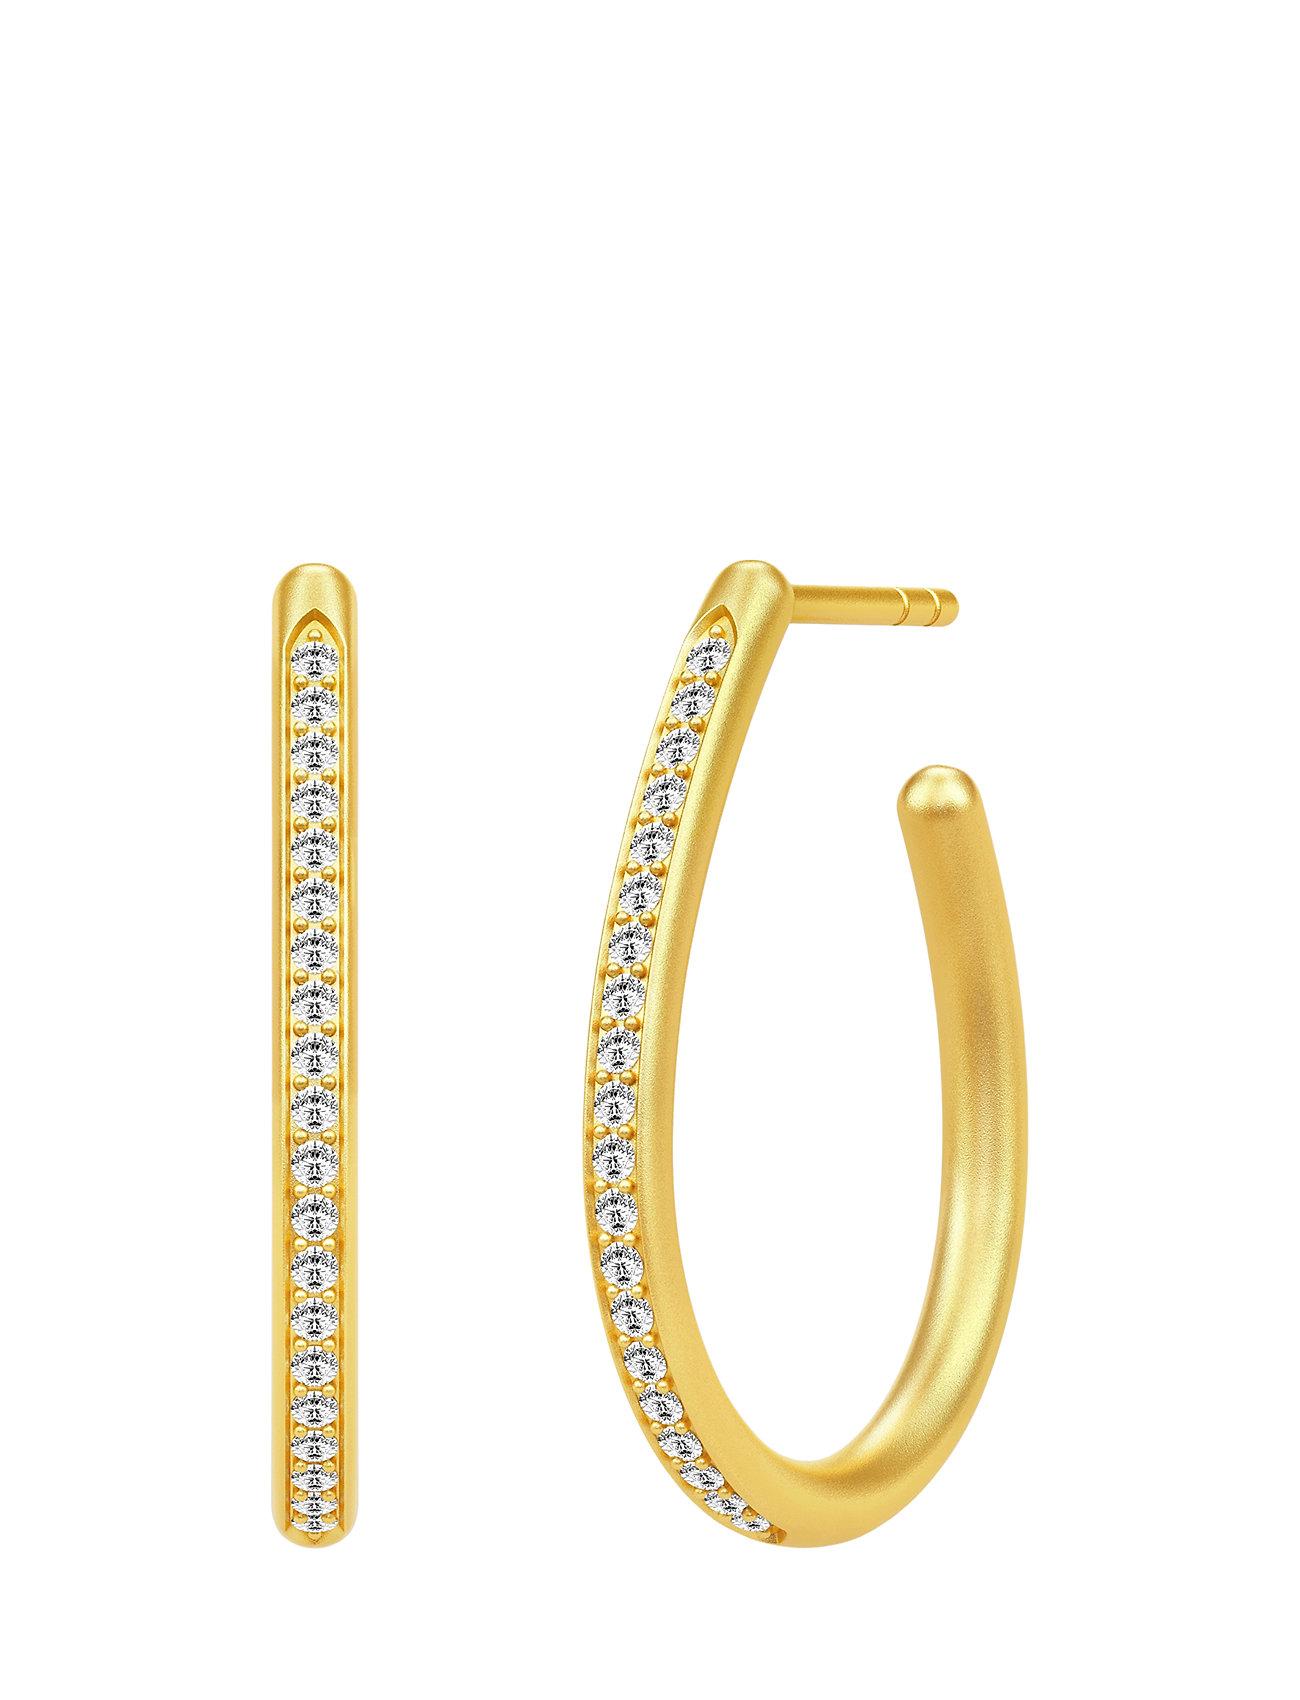 Image of Infinity Pear Hoop Earring - Gold Accessories Jewellery Earrings Hoops Guld Julie Sandlau (3280836981)